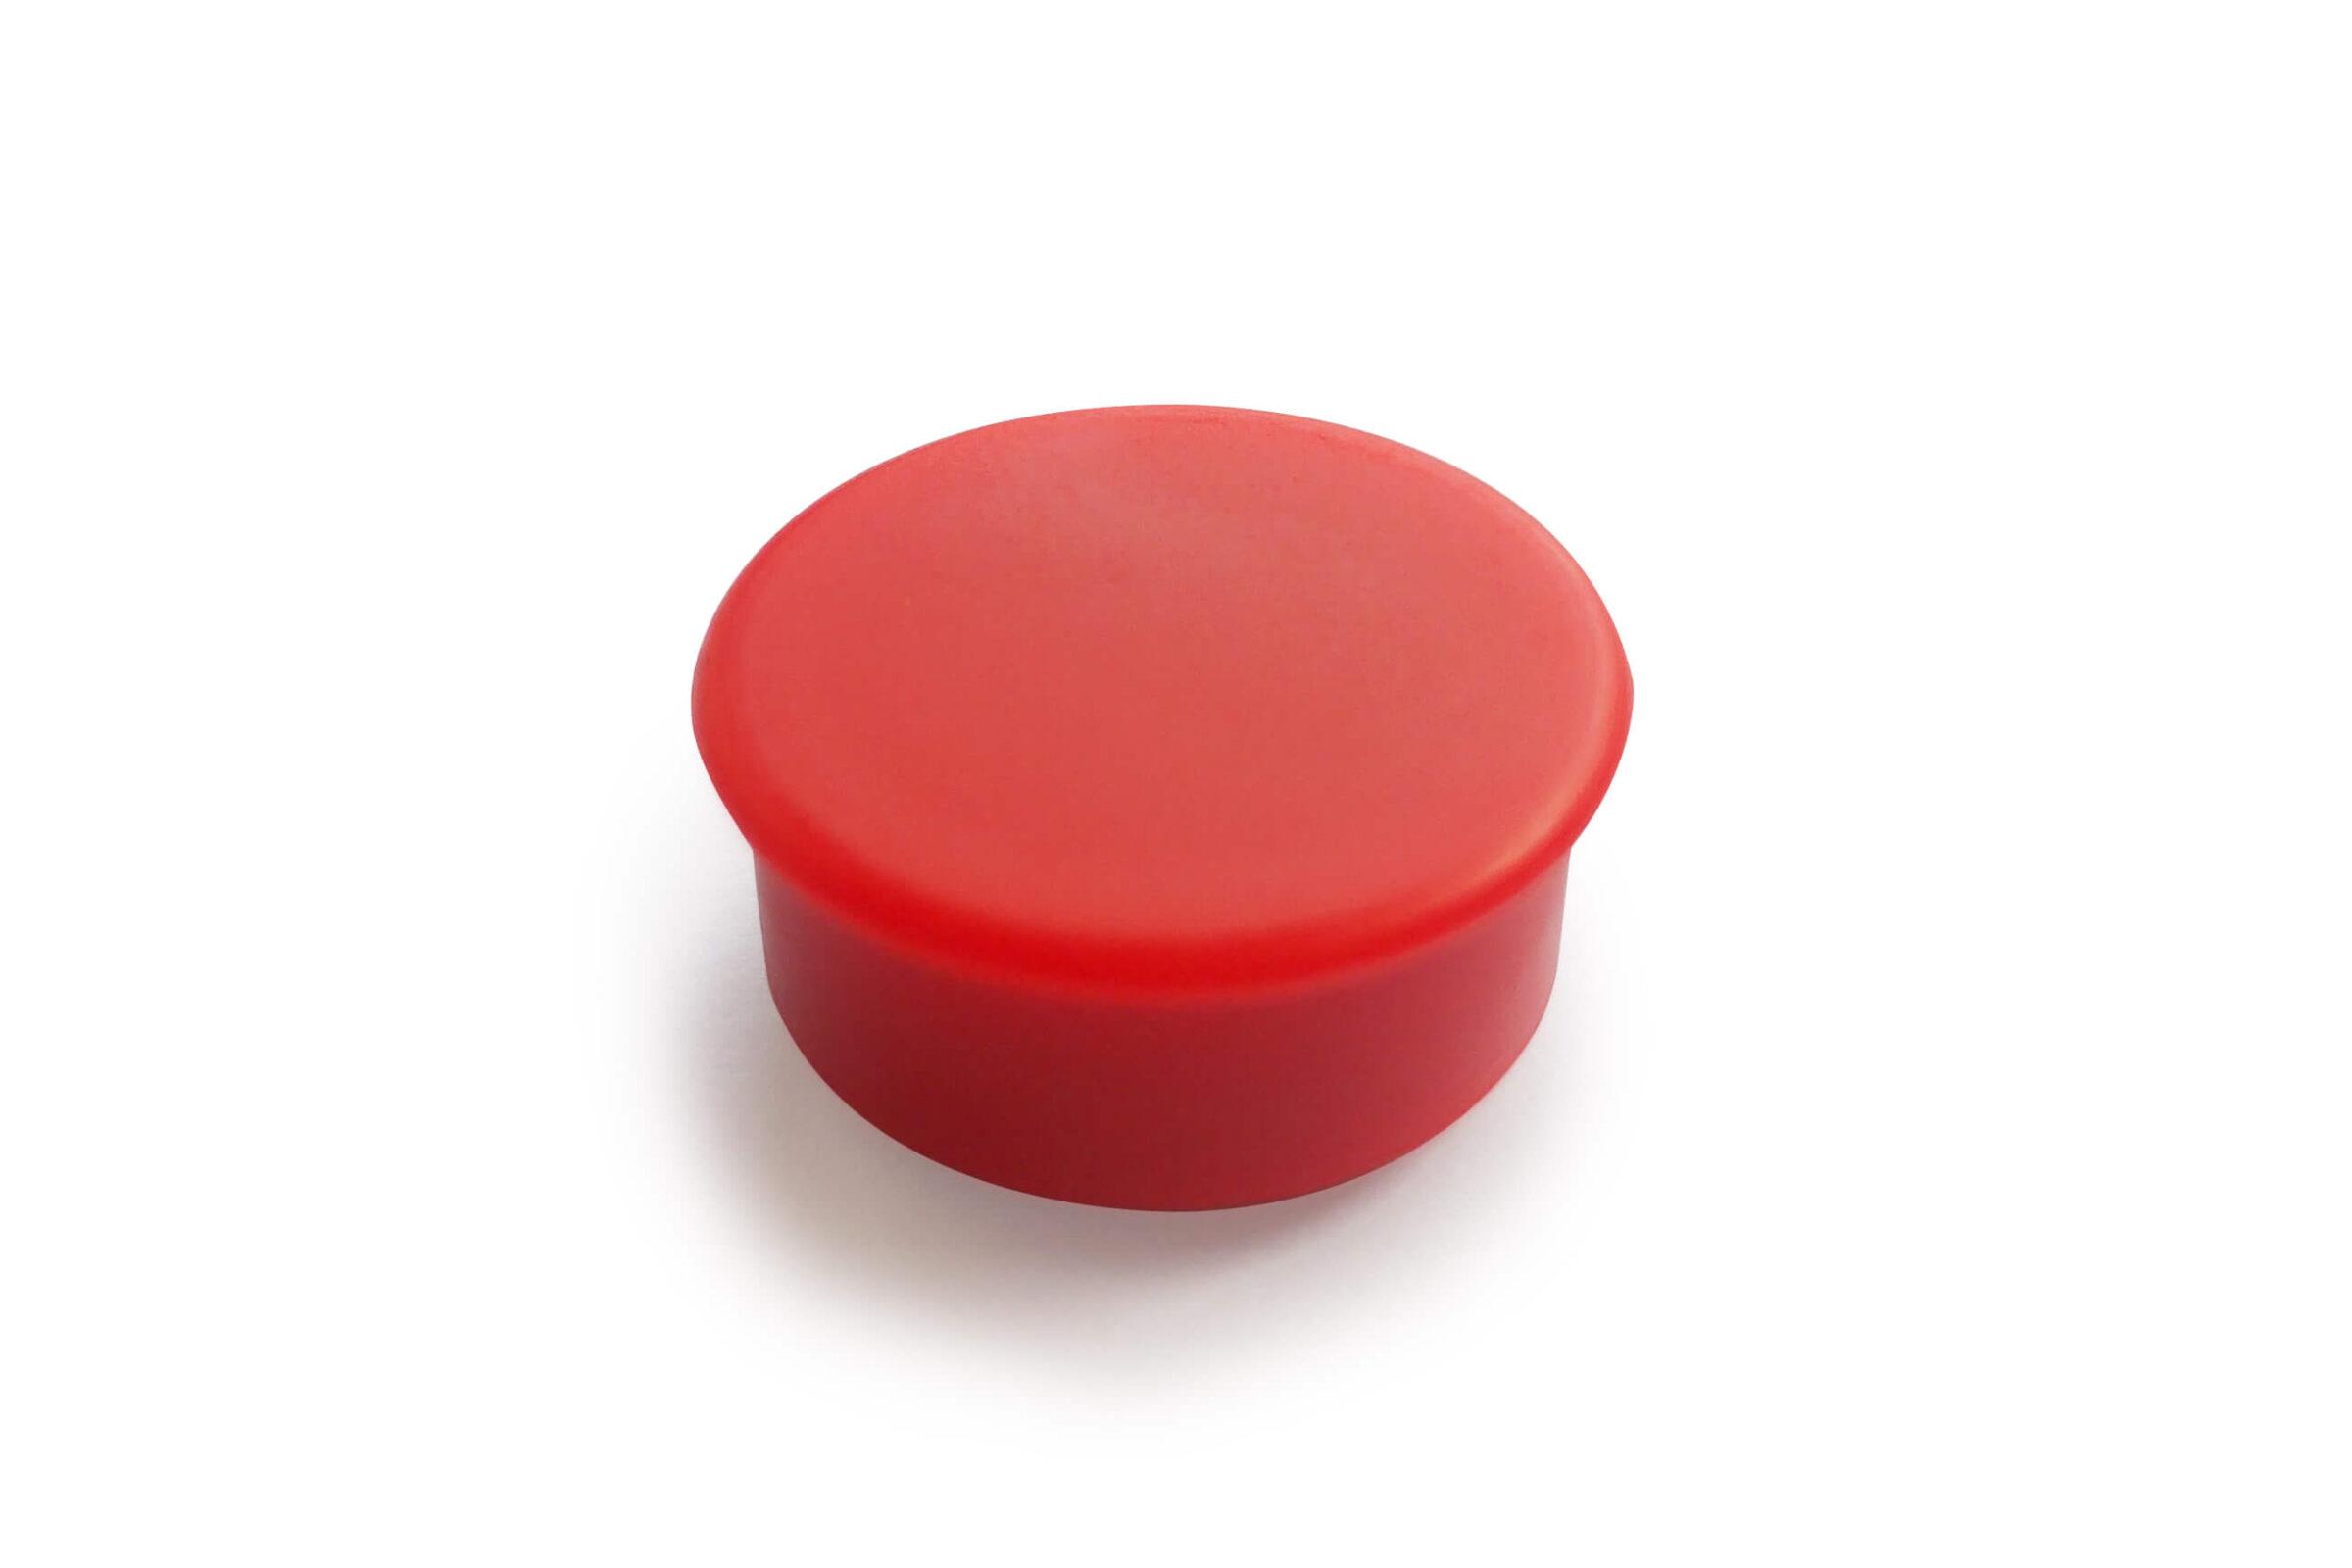 מגנט פלסטיק אדום ללוח מחיק